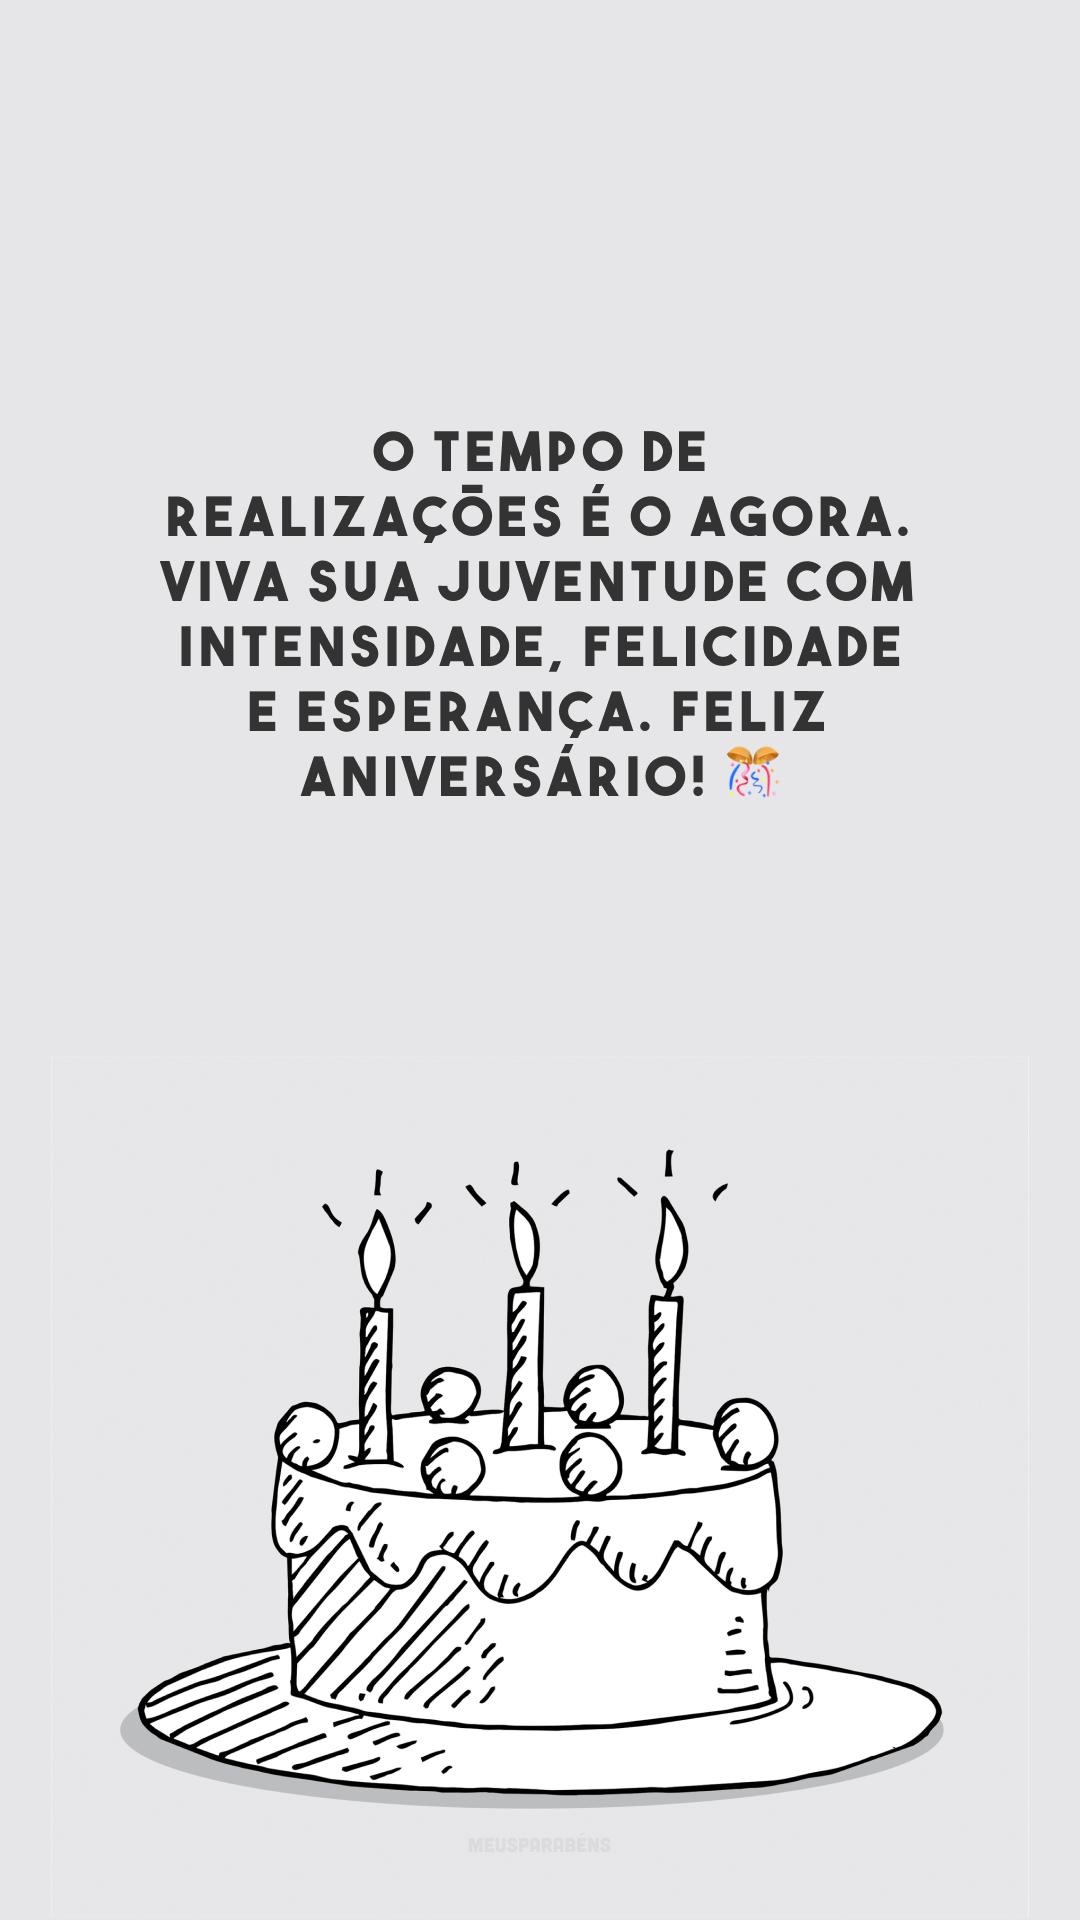 O tempo de realizações é o agora. Viva sua juventude com intensidade, felicidade e esperança. Feliz aniversário!